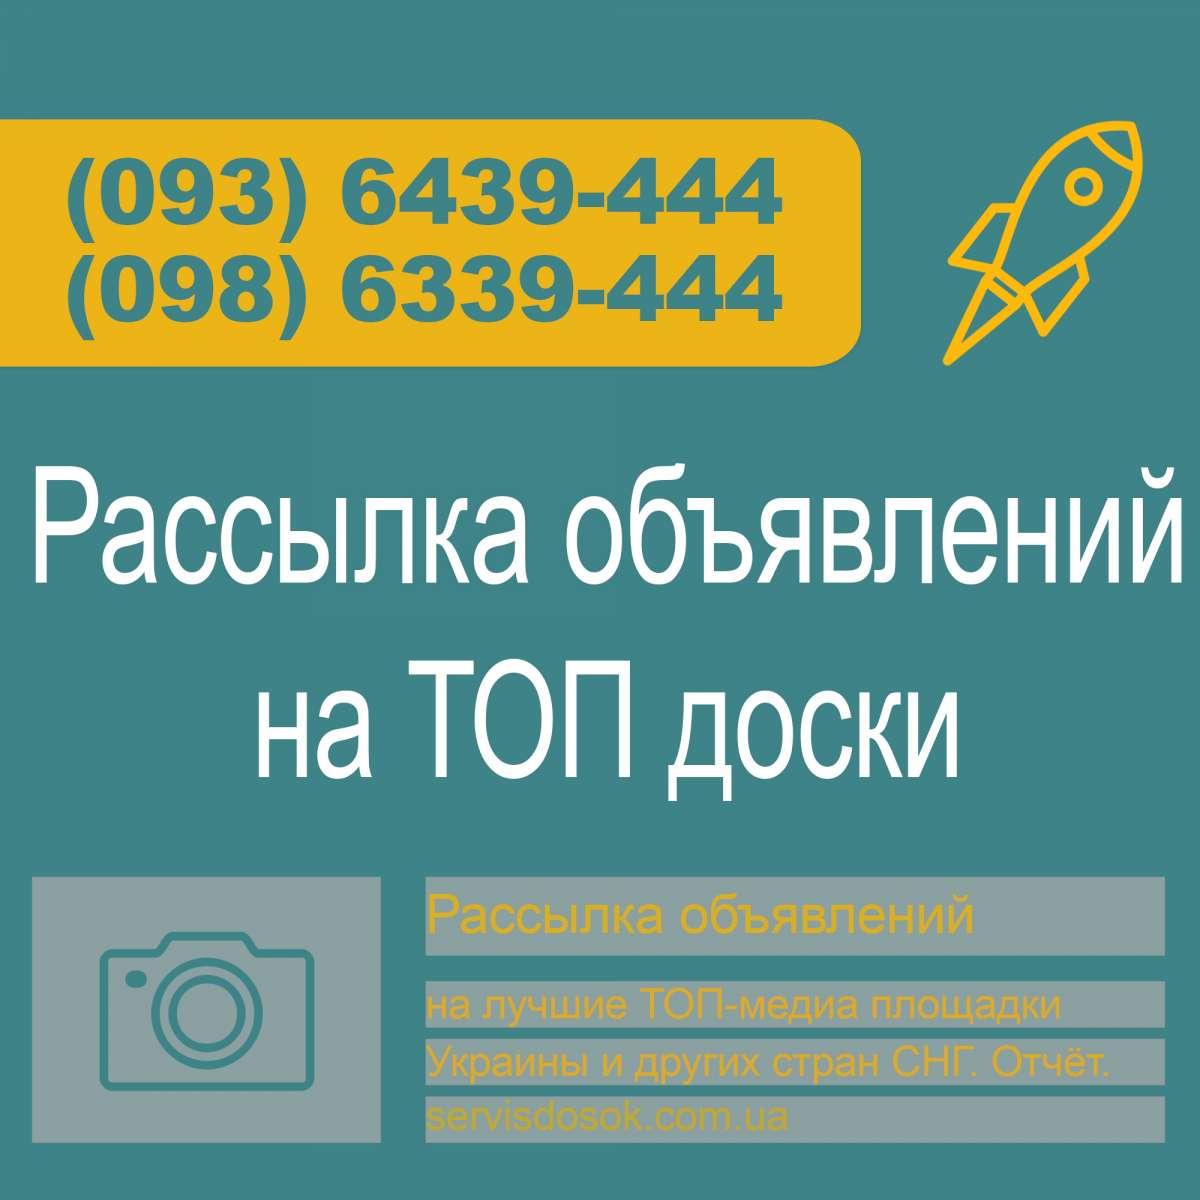 Рассылки объявлений, Киев